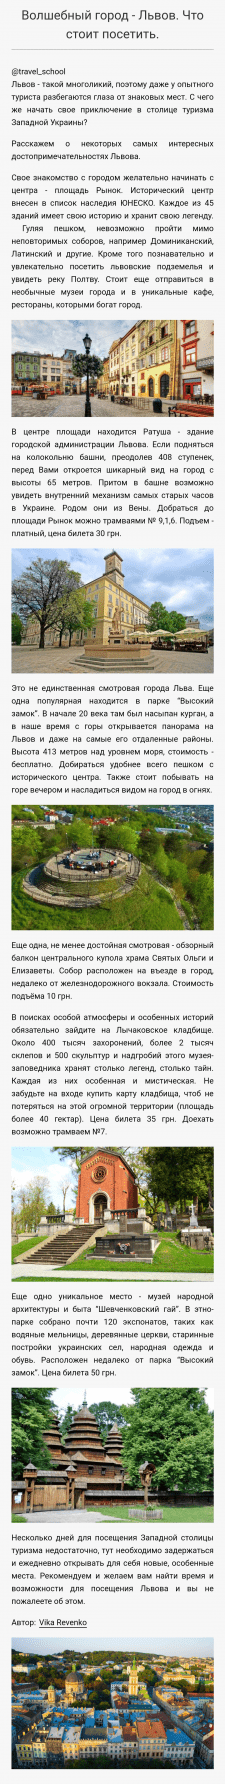 Город Львов: что стоит посетить?